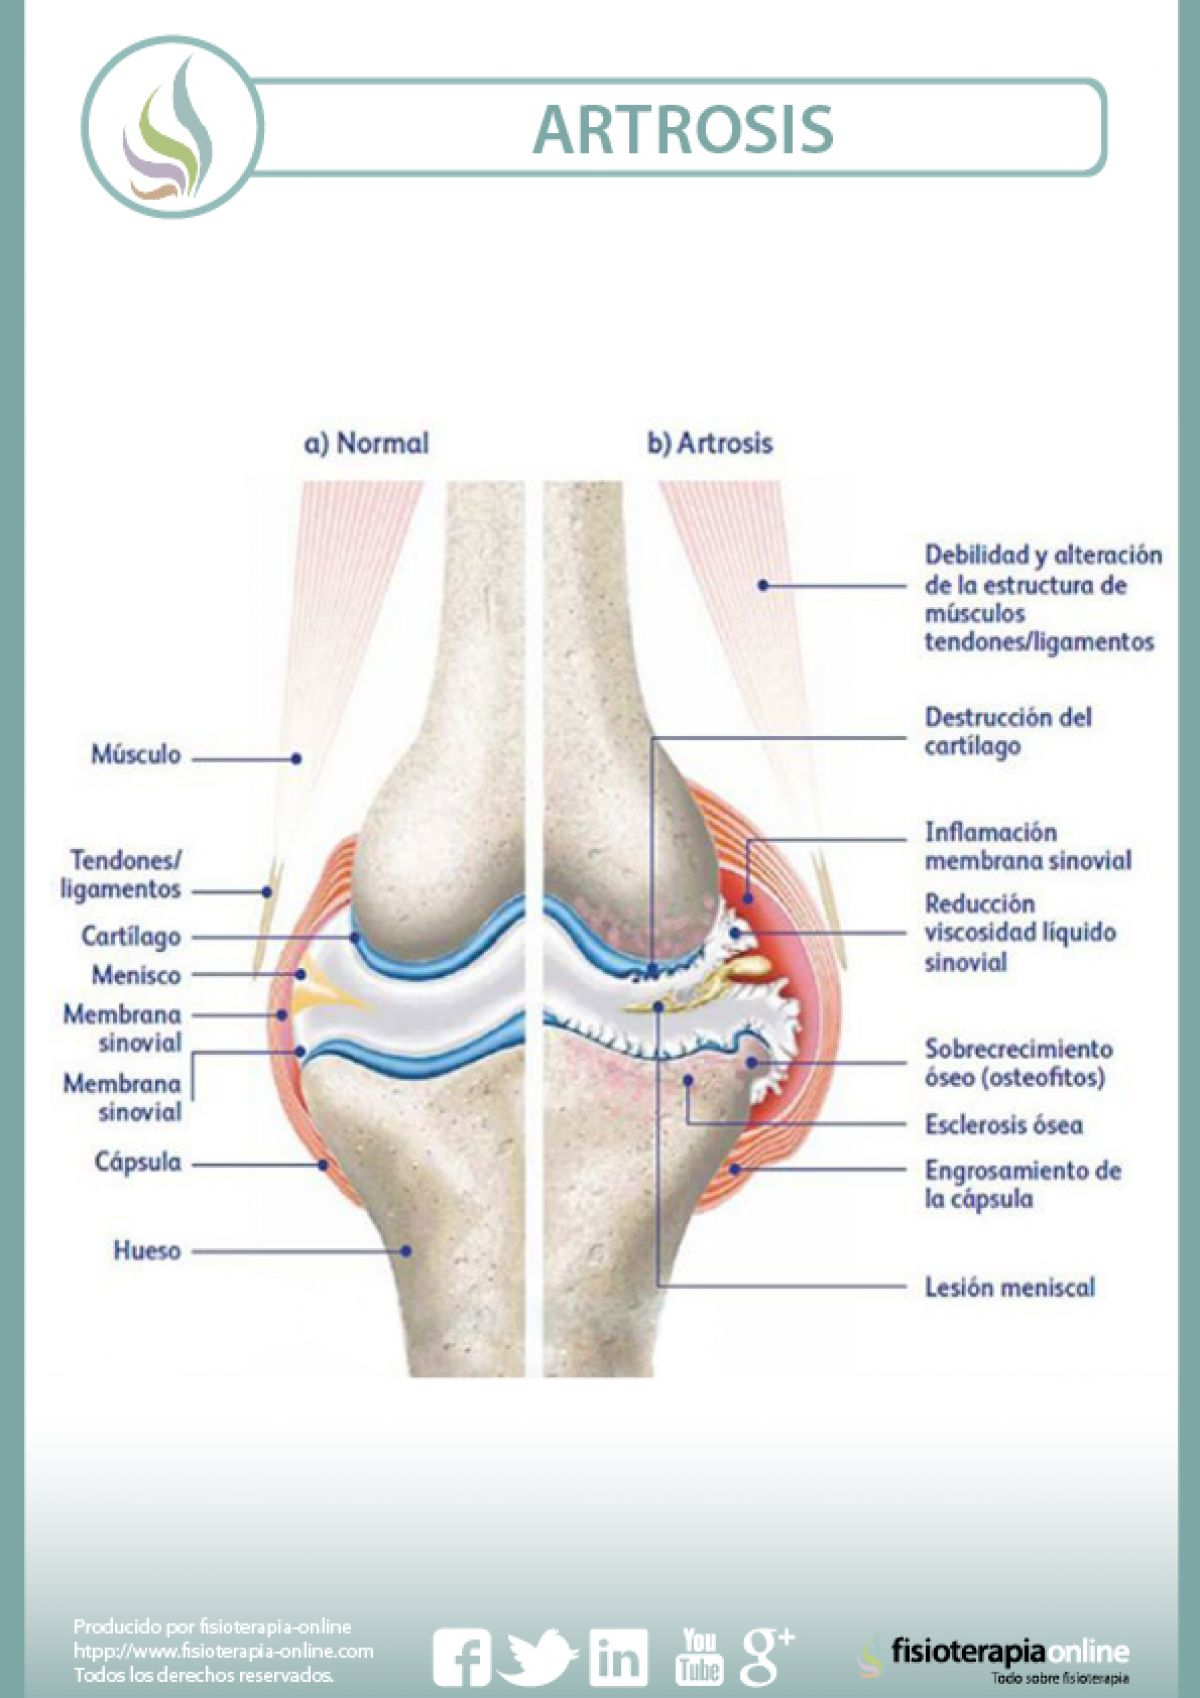 Artrosis, degeneración del cartílago articular, una serie de recomendaciones, reflexiones y consejos sobre el tema